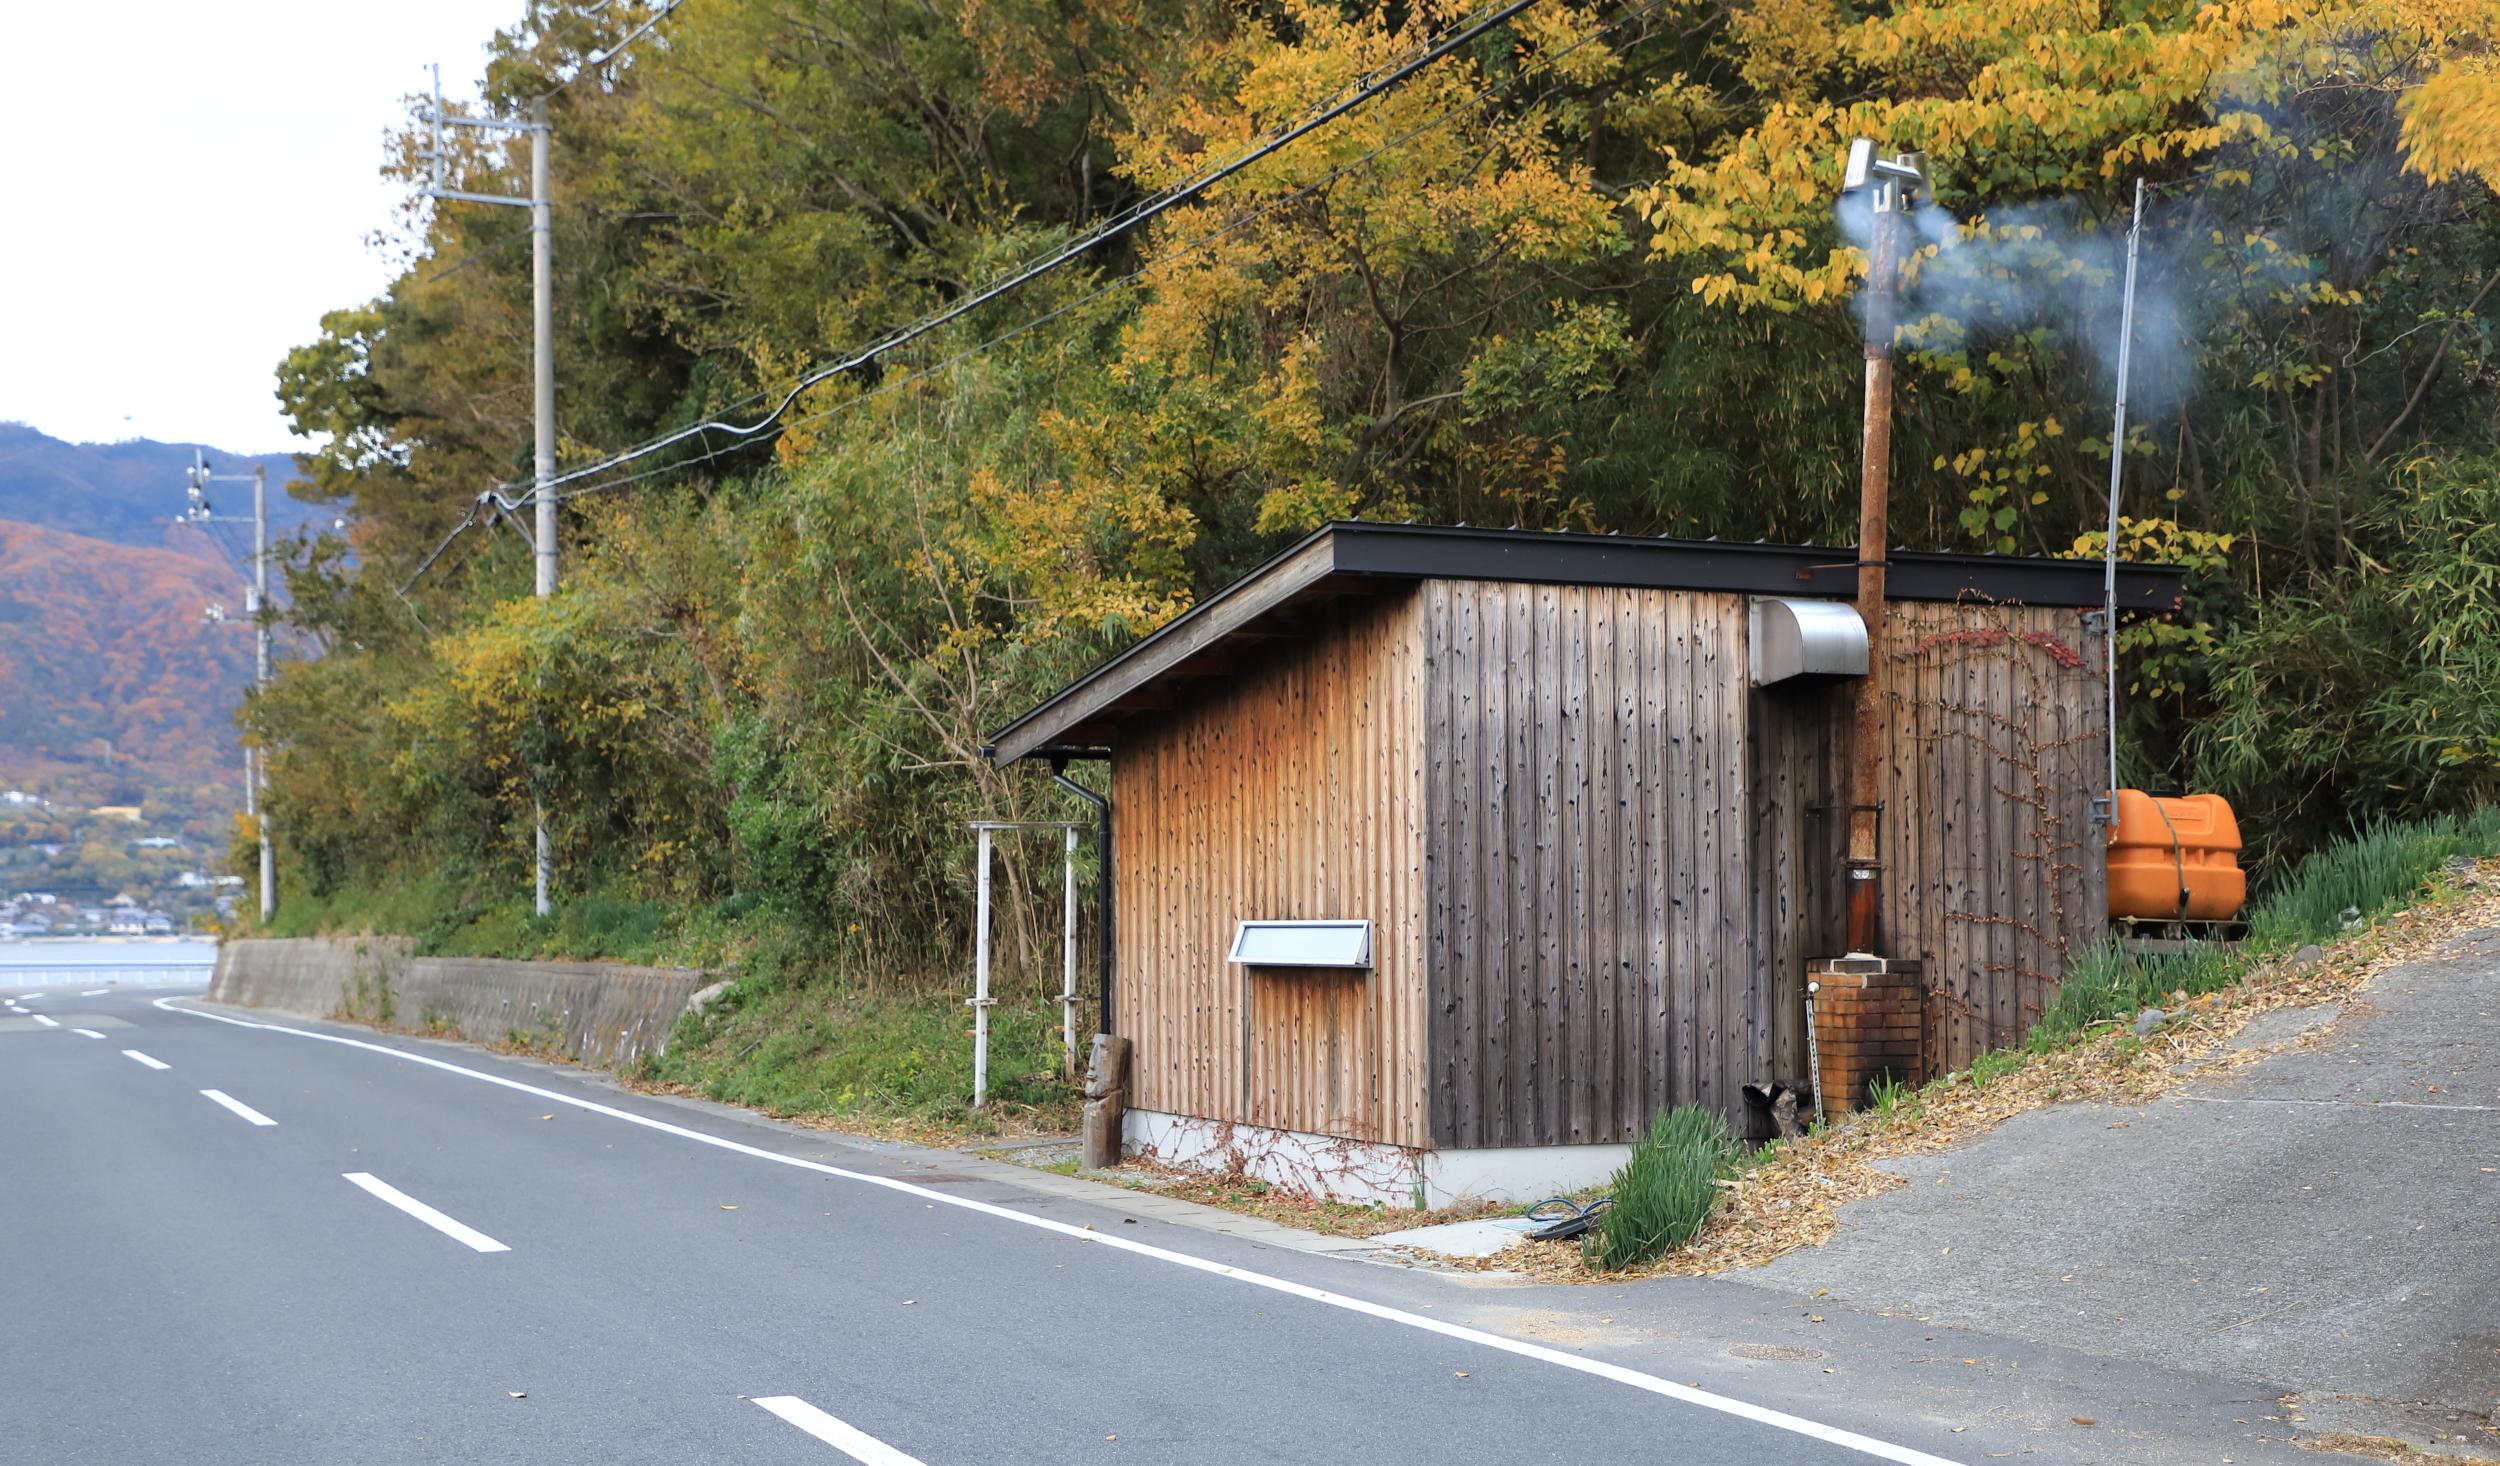 The salt boiling house of Namihanado.